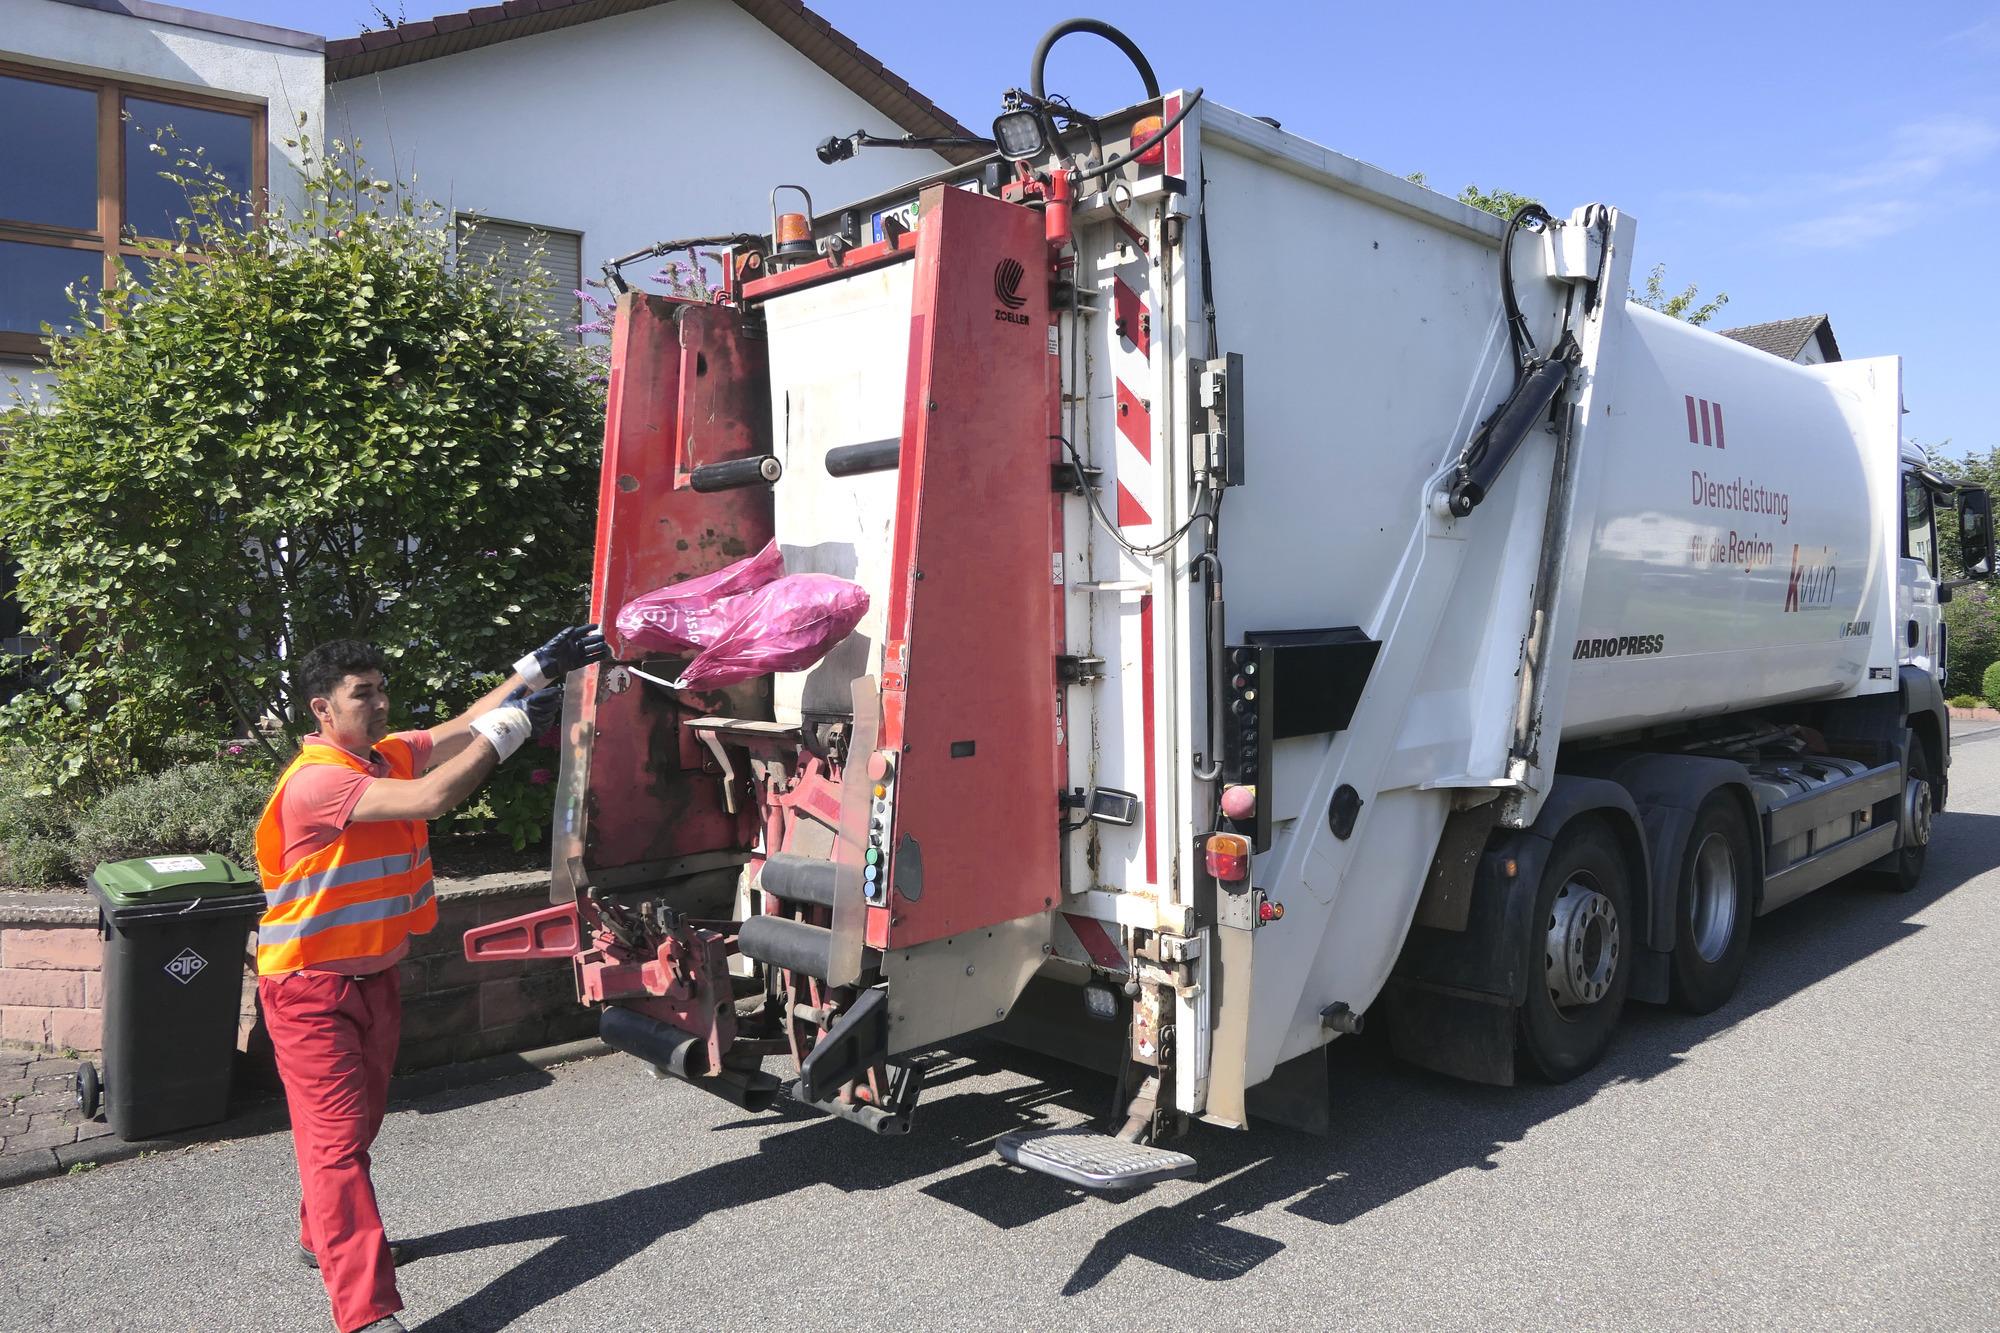 Full Size of Müllsystem Buchen Buerger Ruempfen Ueber Neues Muellsystem Weiterhin Nase Arid Küche Wohnzimmer Müllsystem